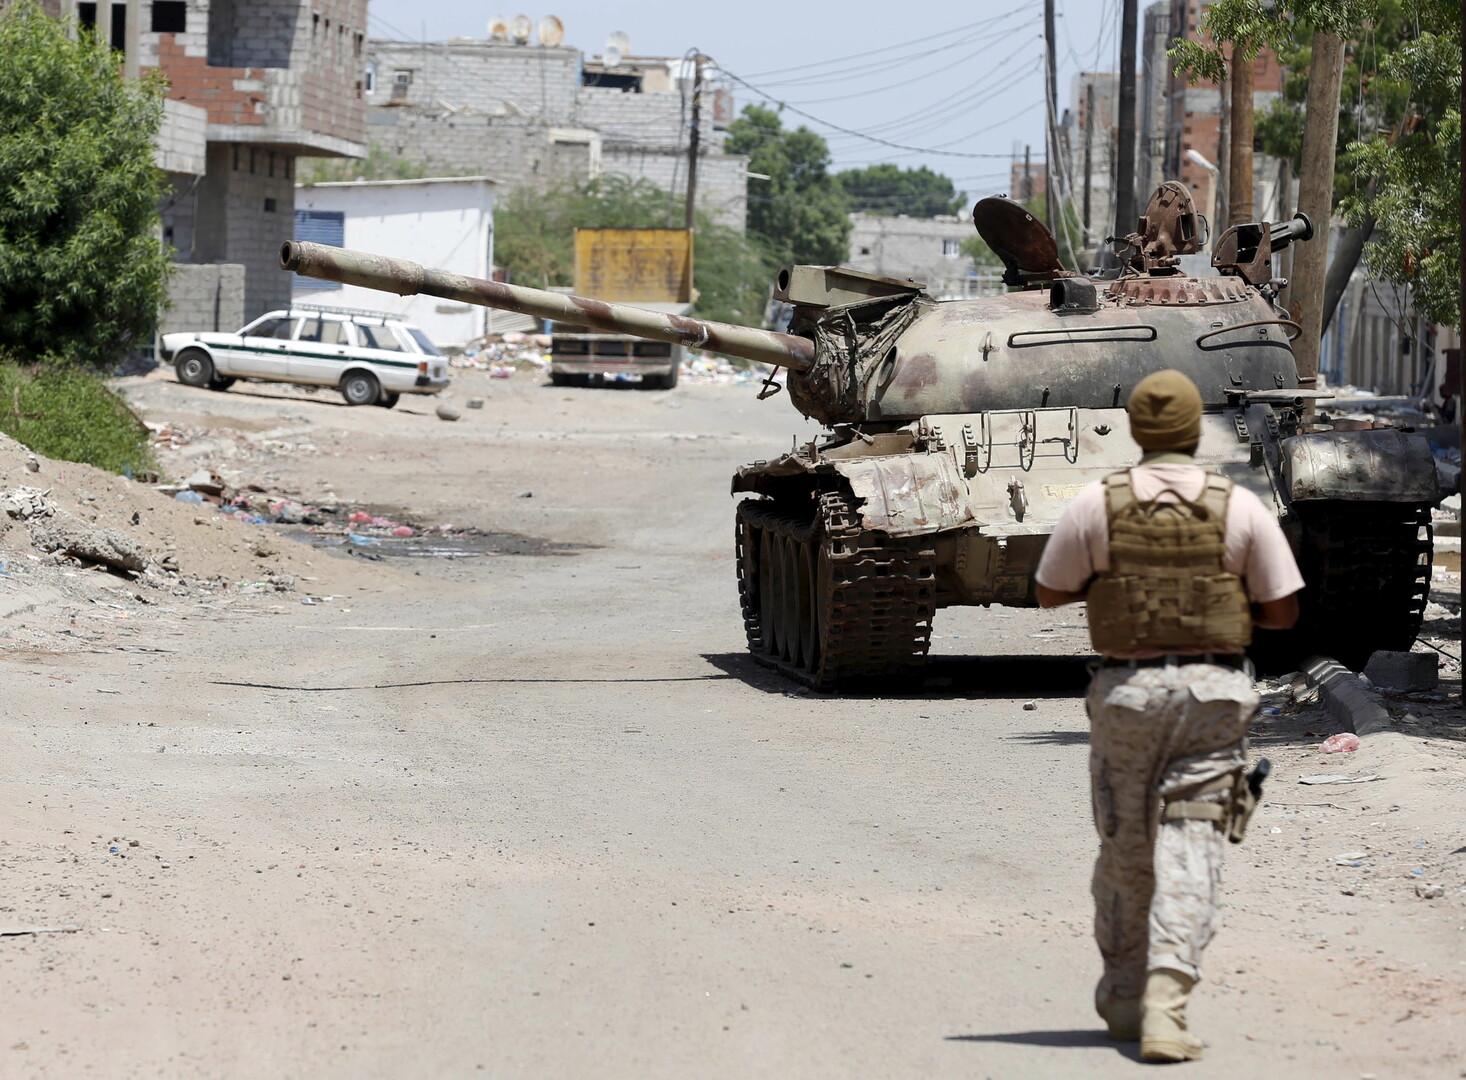 قوات هادي تتهم الحوثيين بقتل 13 مدنيا في الحديدة وتعز